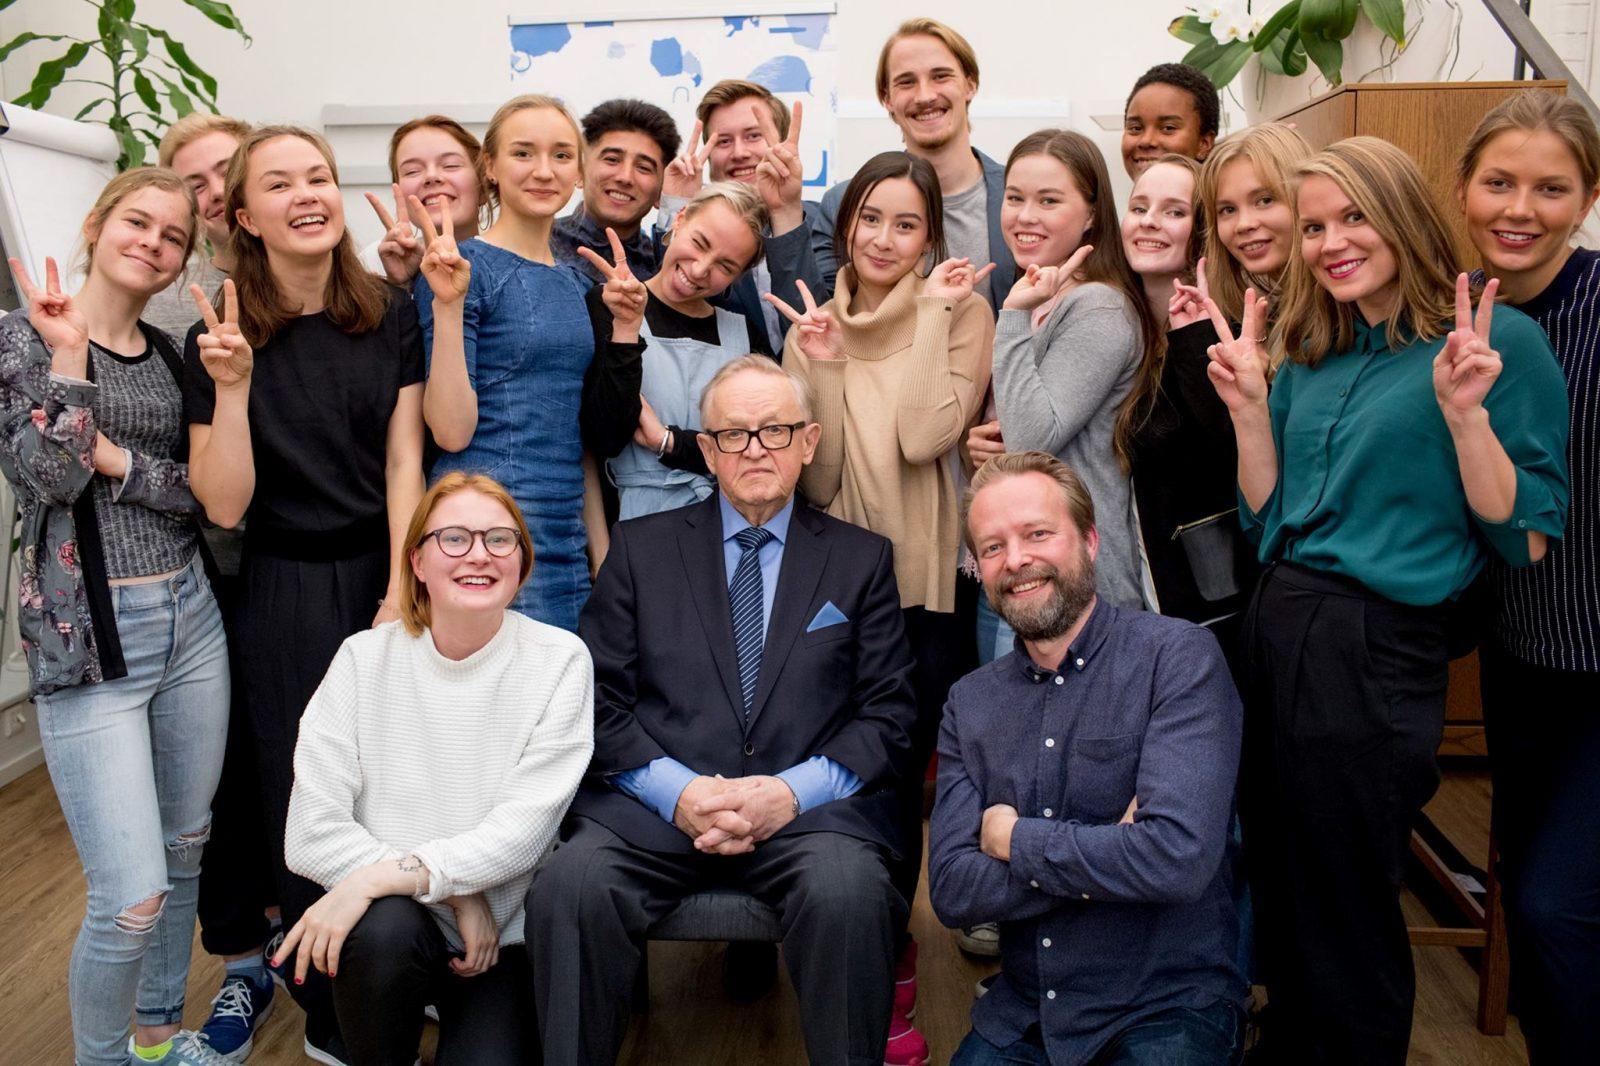 Kampanjan takana ovat nuoret rauhanlähettiläät, Lennonit. Innoittajana on toiminut rauhannobelisti ja konfliktinratkaisujärjestö CMI:n perustaja Martti Ahtisaari.